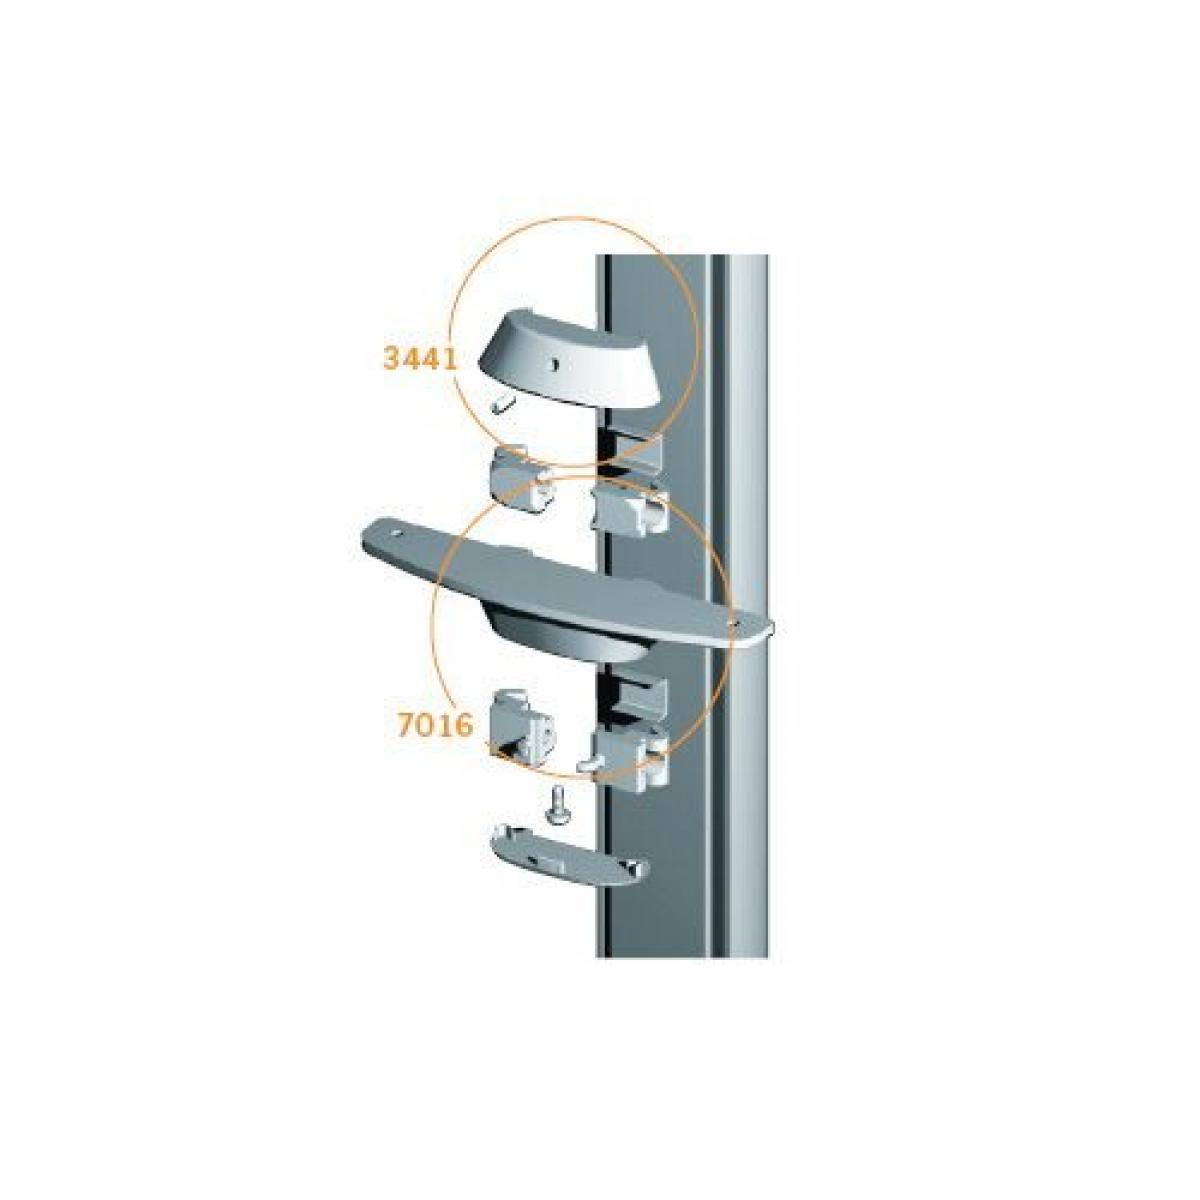 Stilos 7016 крепление (2шт)  для деревянных полок цвет алюминий